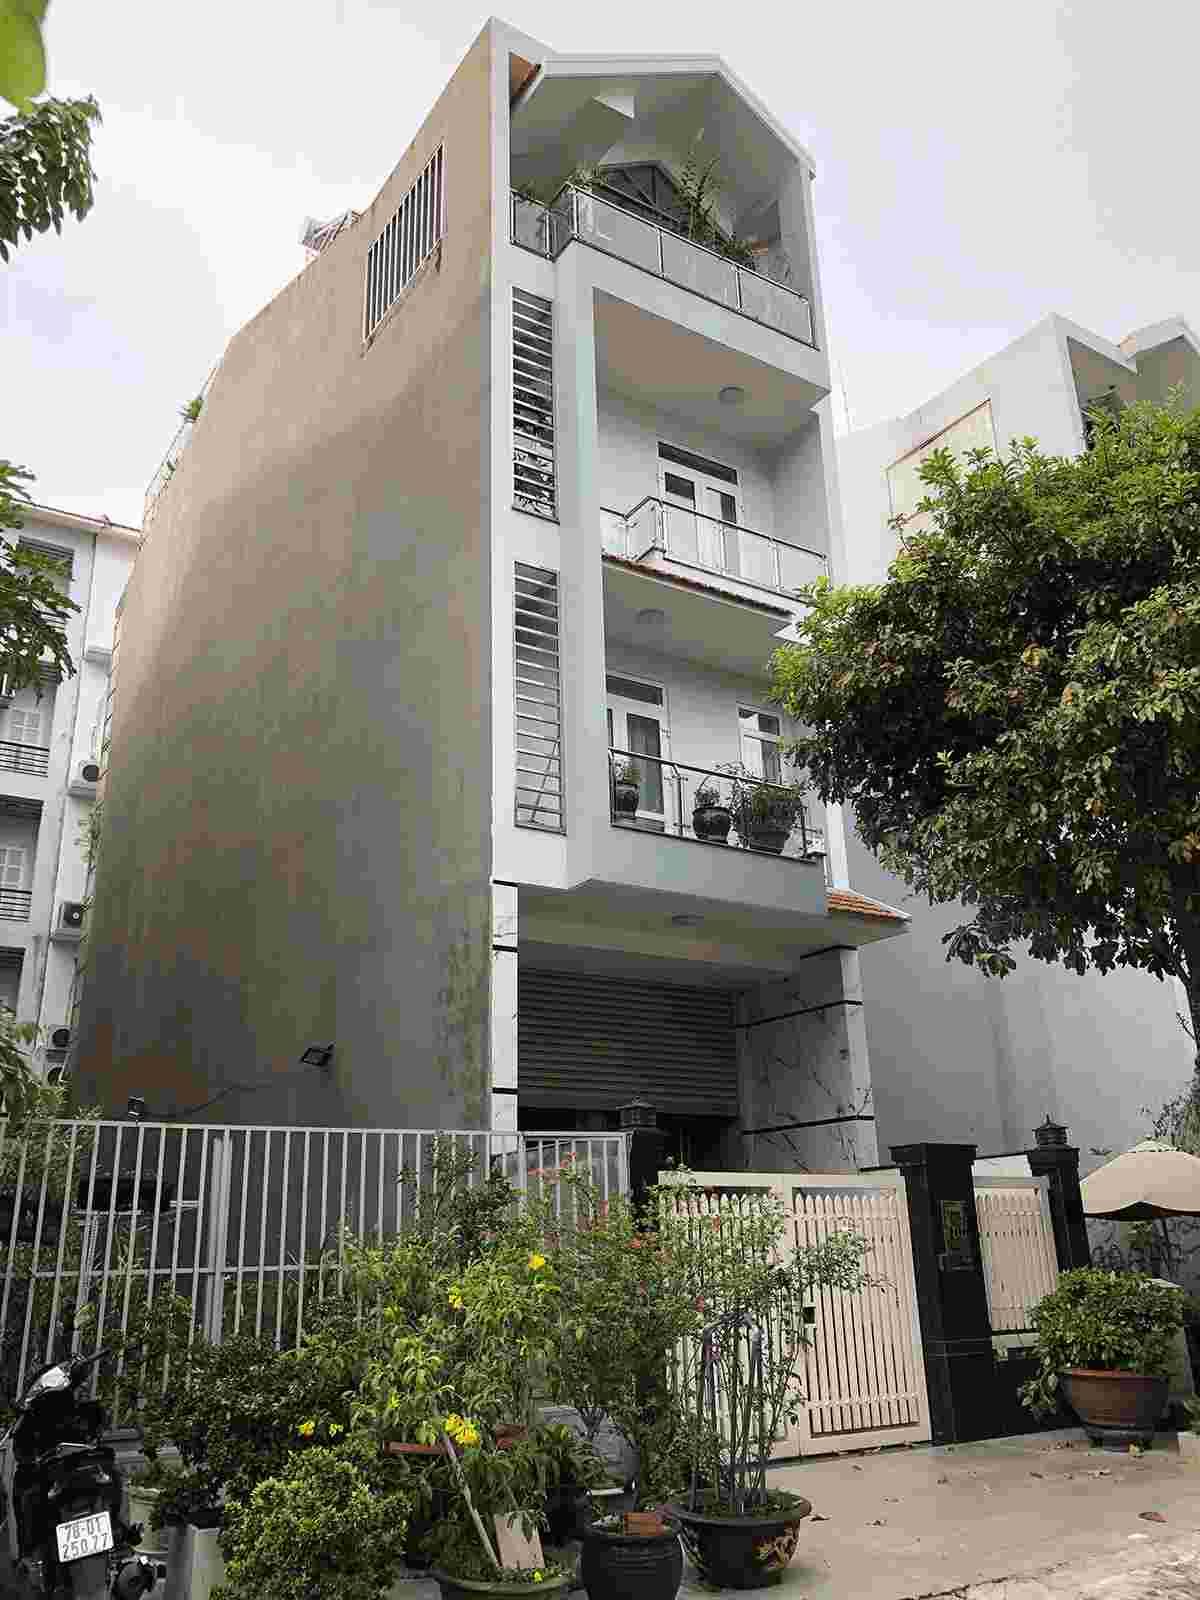 Bán nhà phố Him Lam Kênh Tẻ Quận 7 đường số 14 giá 19.6 tỷ, sổ hồng, vị trí đẹp. LH: 0913.050.053  Mr Huynh.